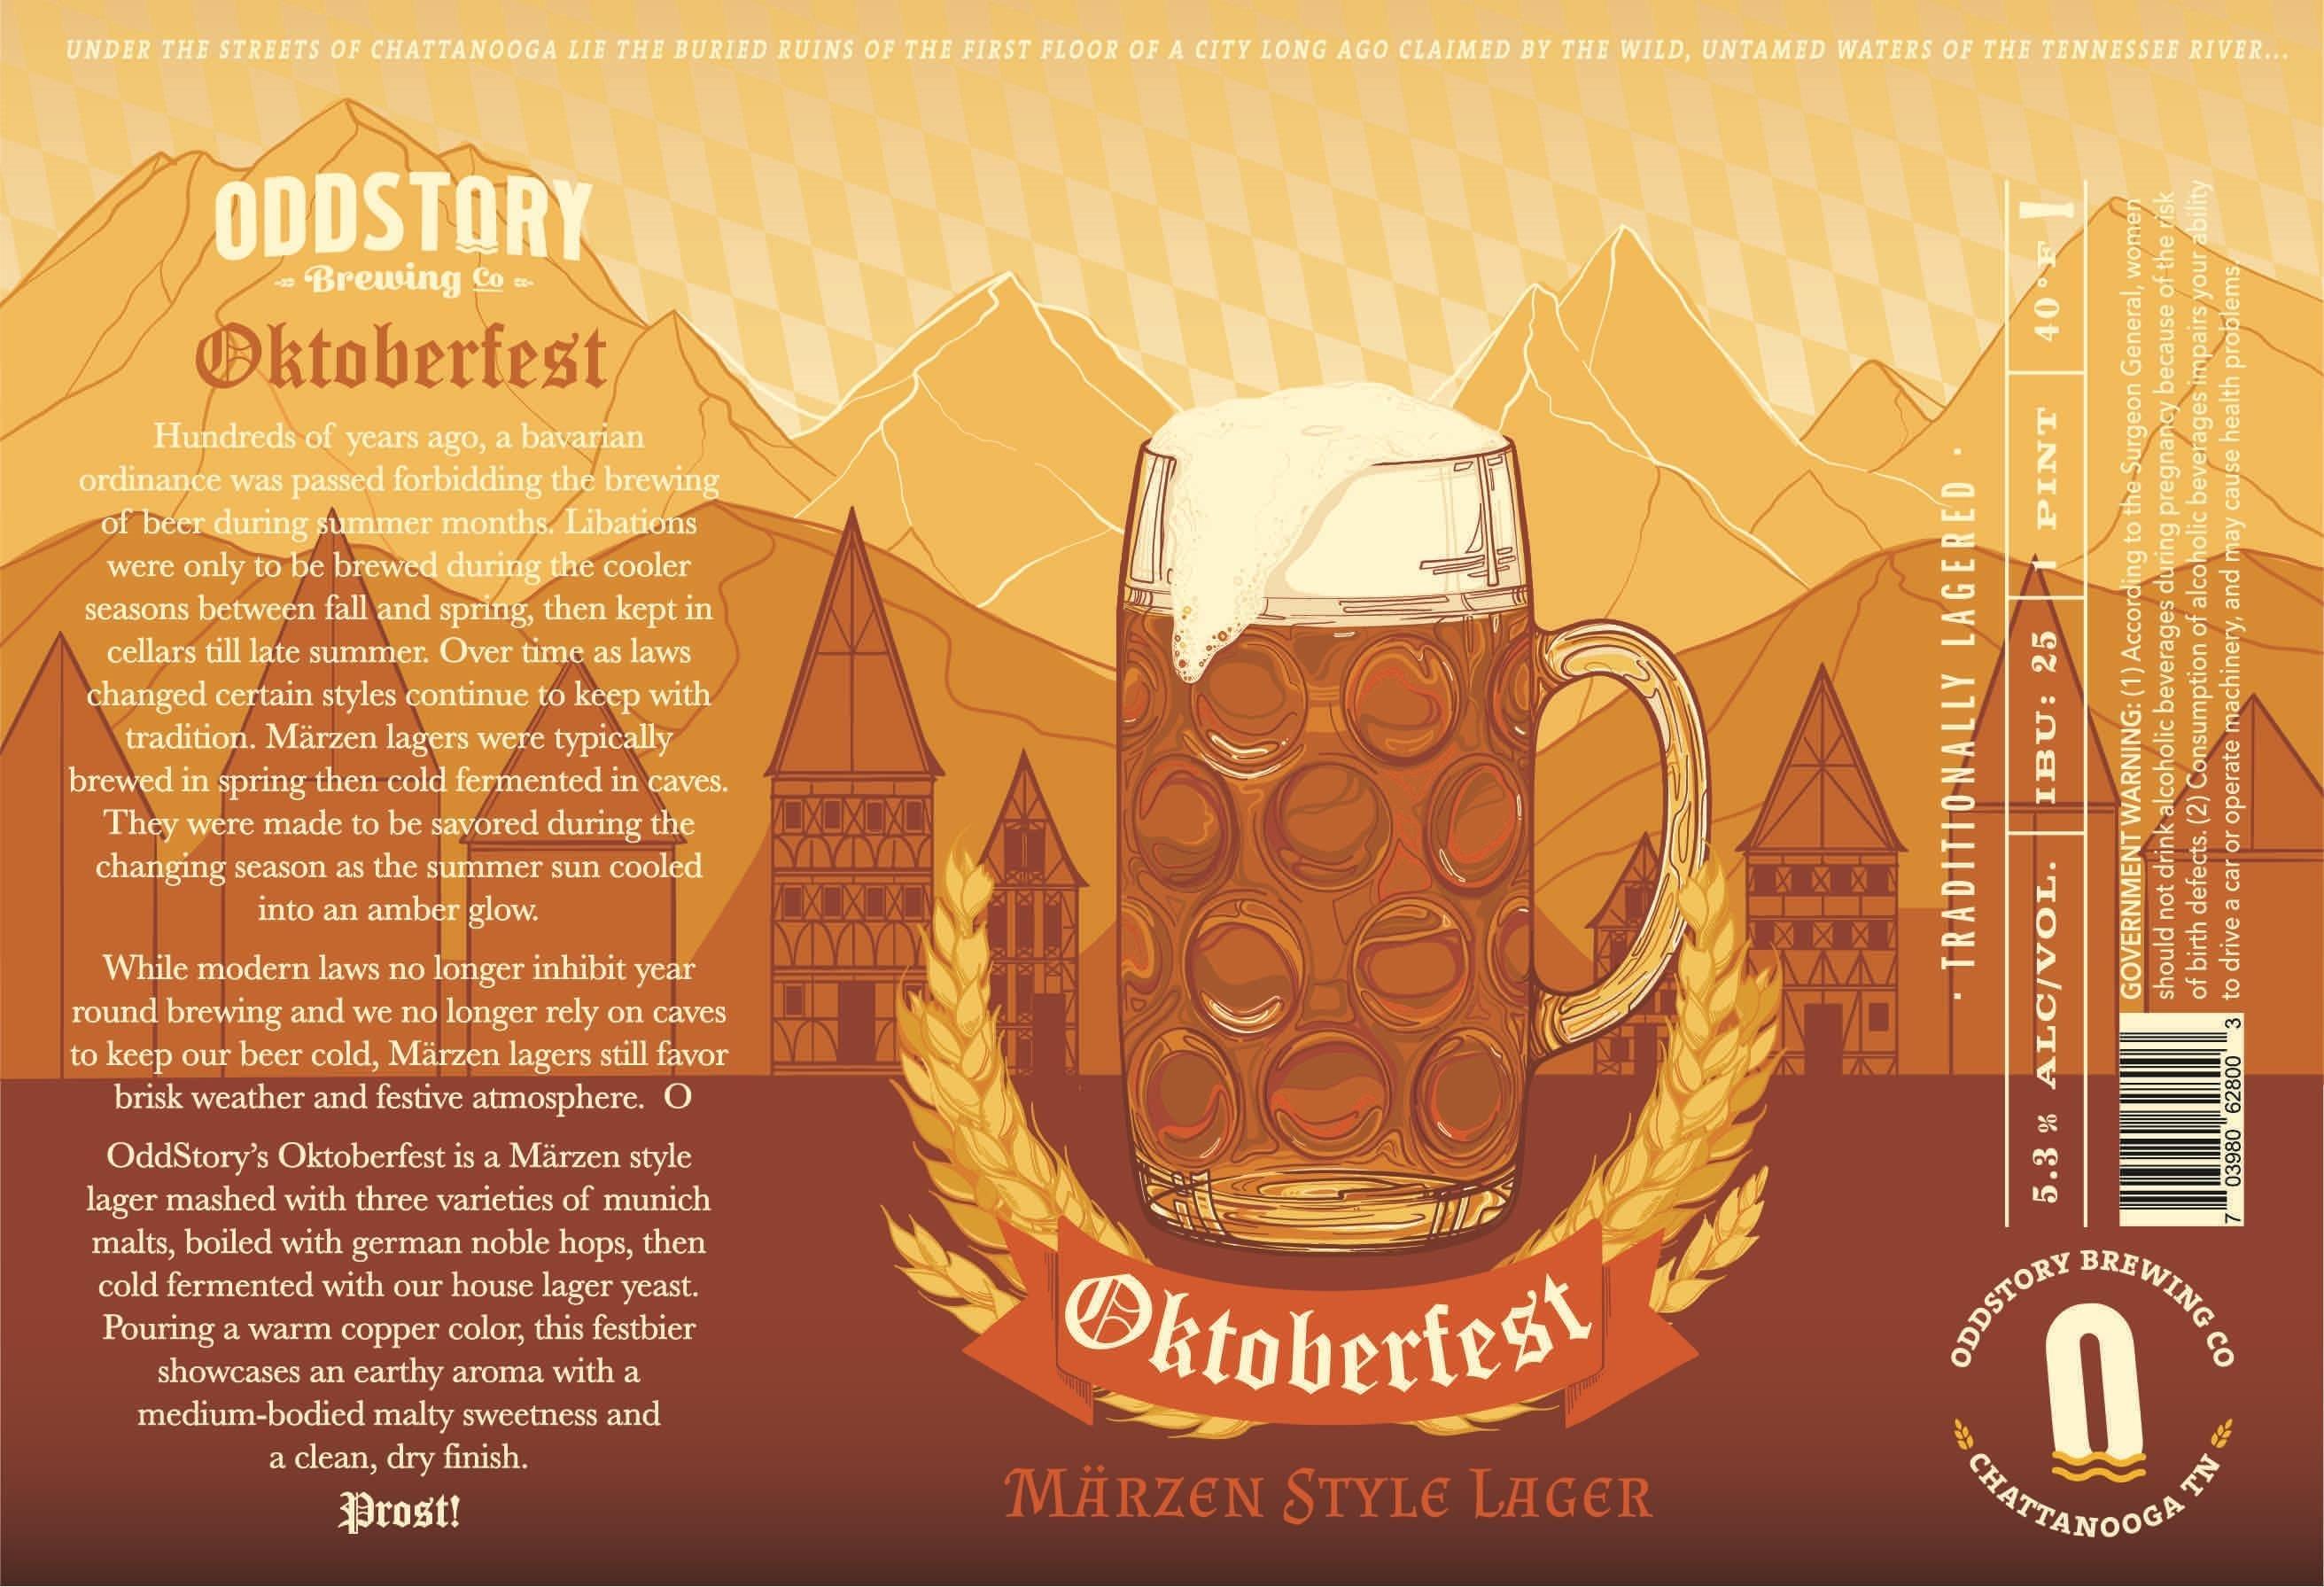 Oddstory Brewing Company Oktoberfest Marzen Lager